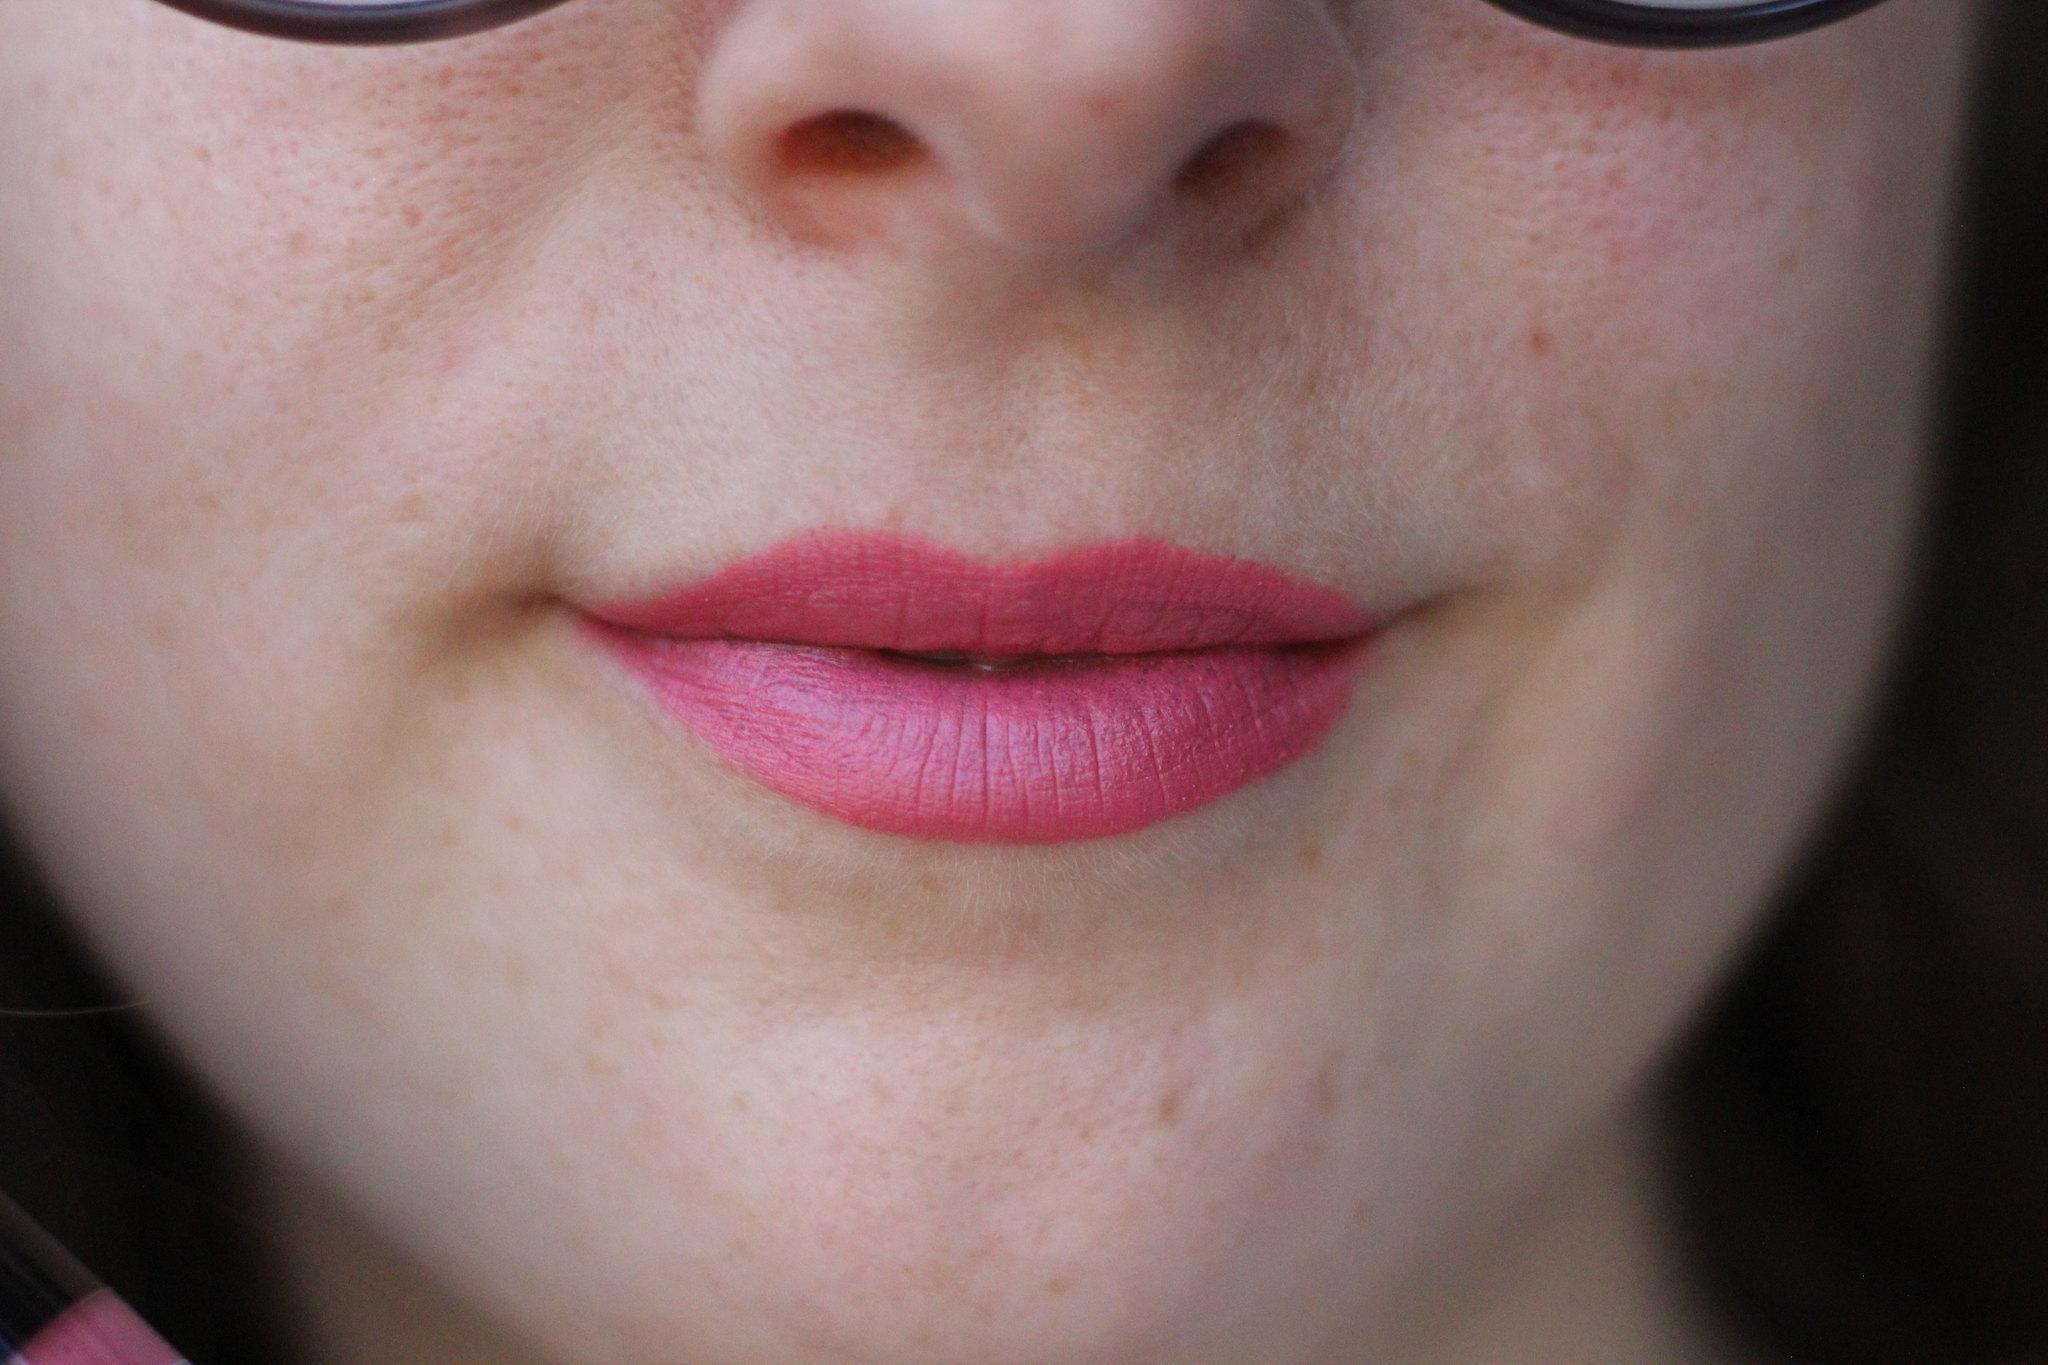 L.A. Girl Matte Flat Velvet lipstick in Hush